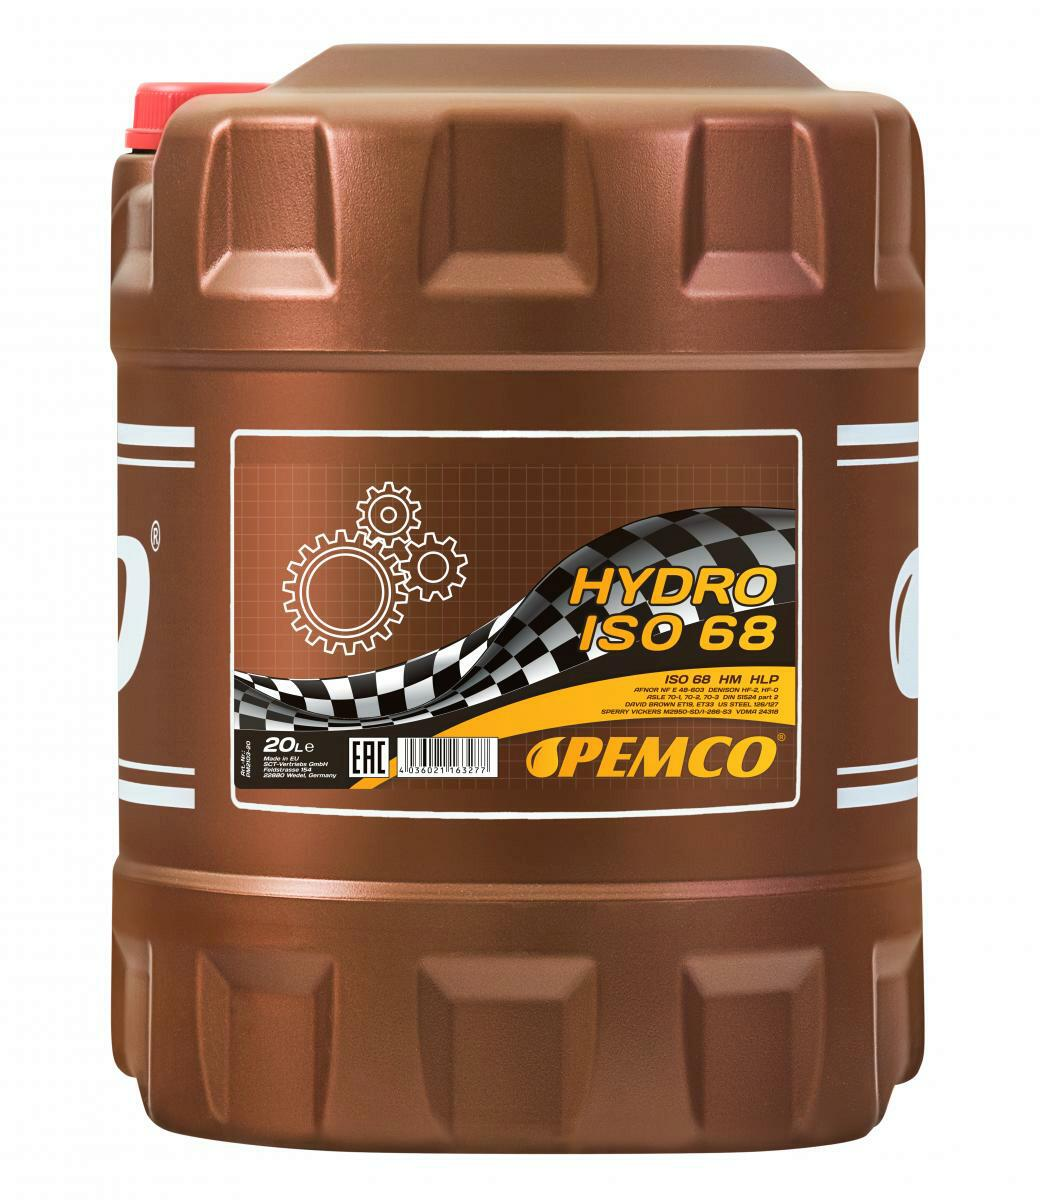 20L Pemco Hydro Hydrauliköl ISO 68